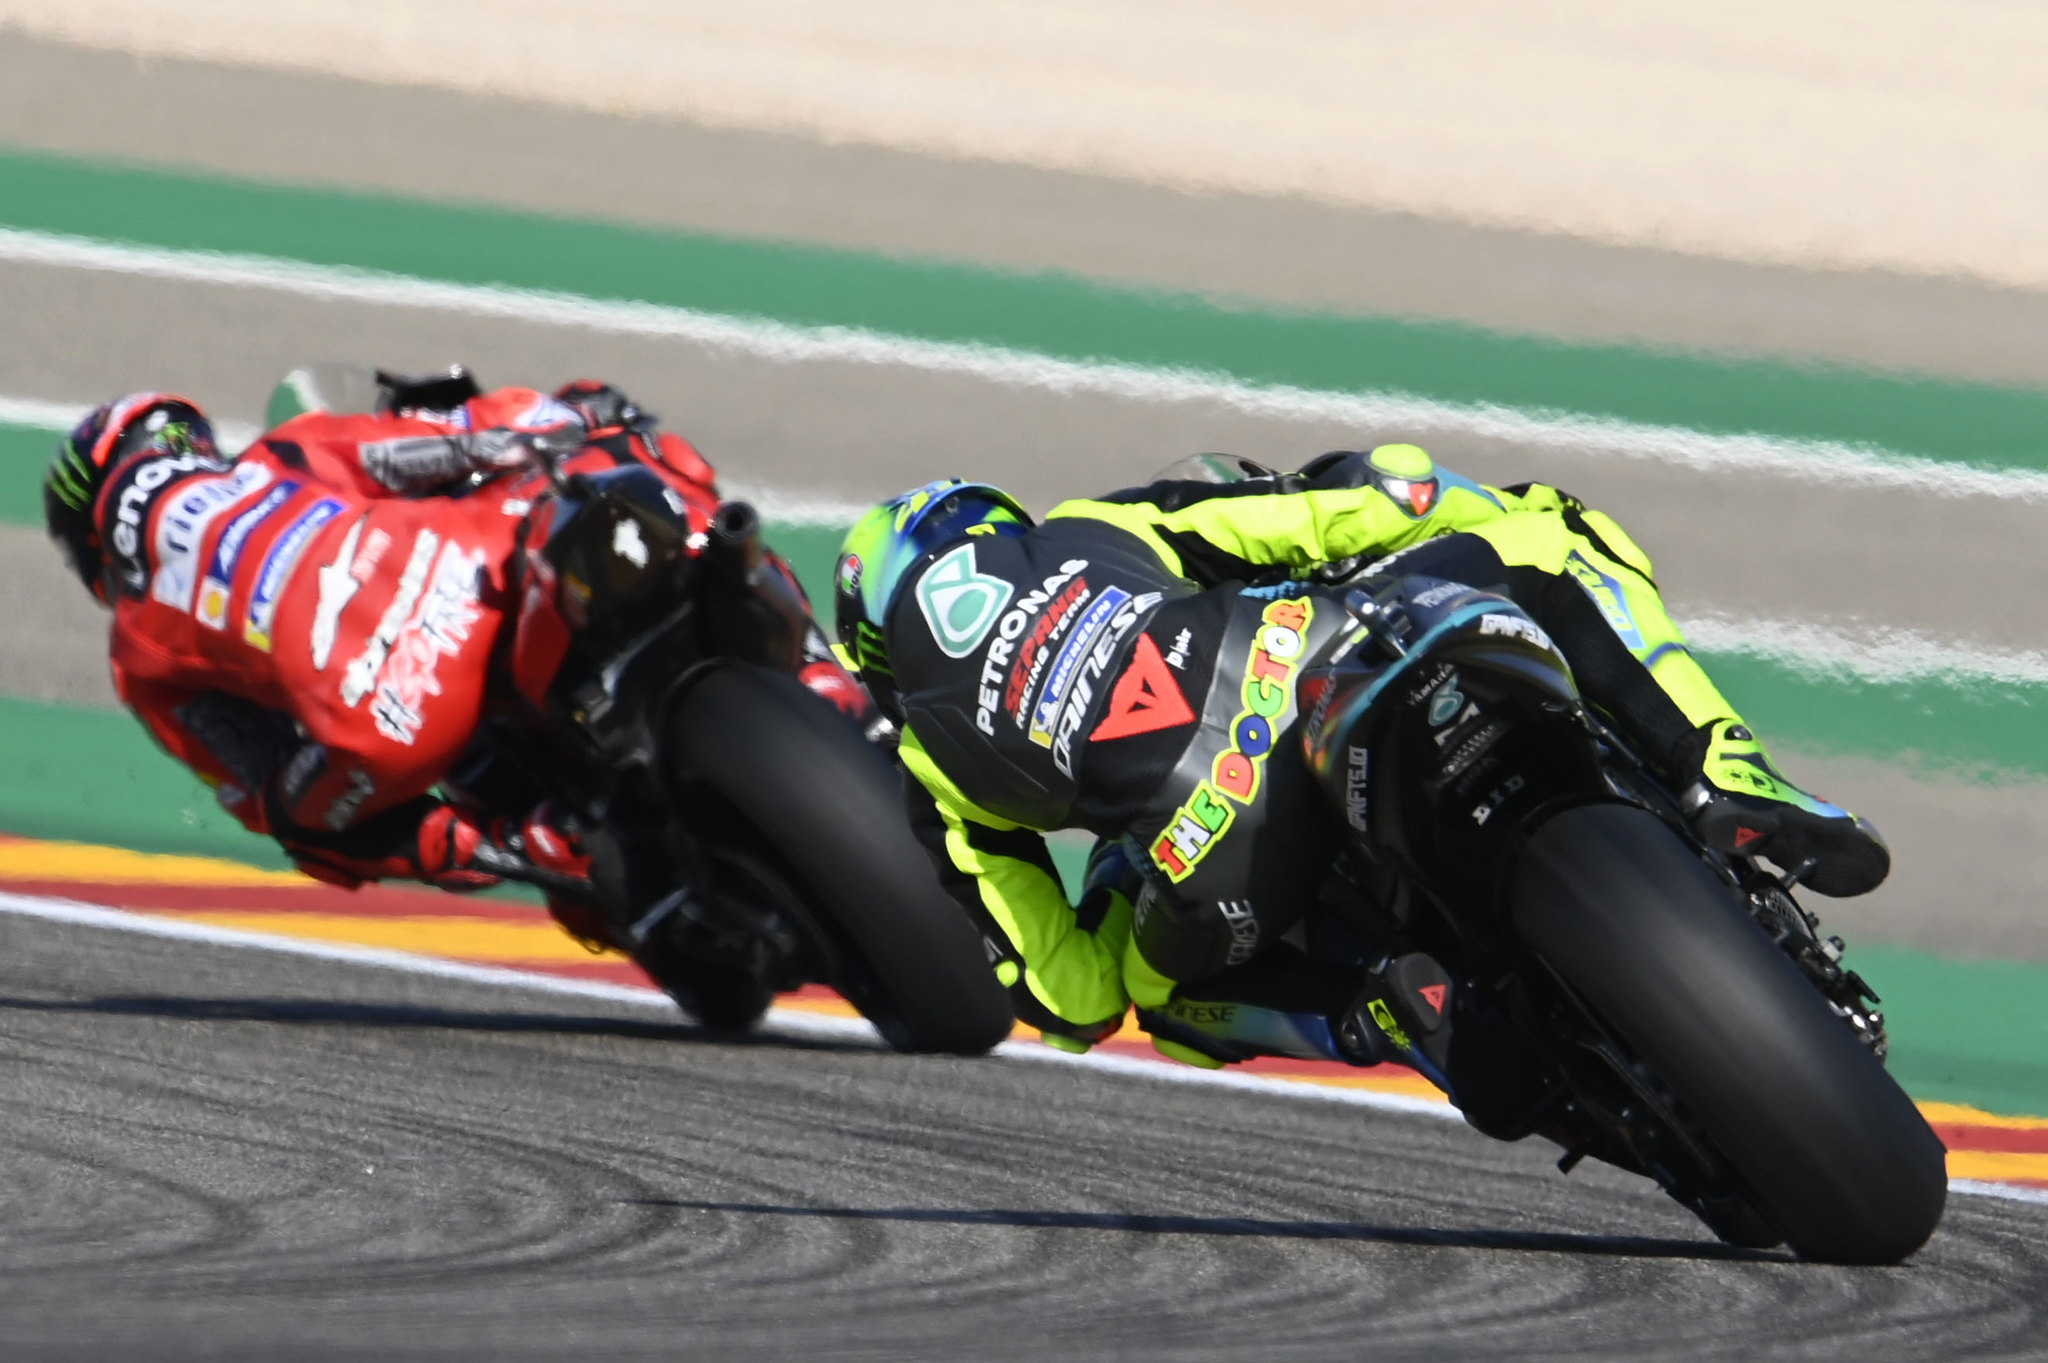 MotoGP2021アラゴンGP バレンティーノ・ロッシ「ペッコにはハード/ソフトだと言って聞かせた」